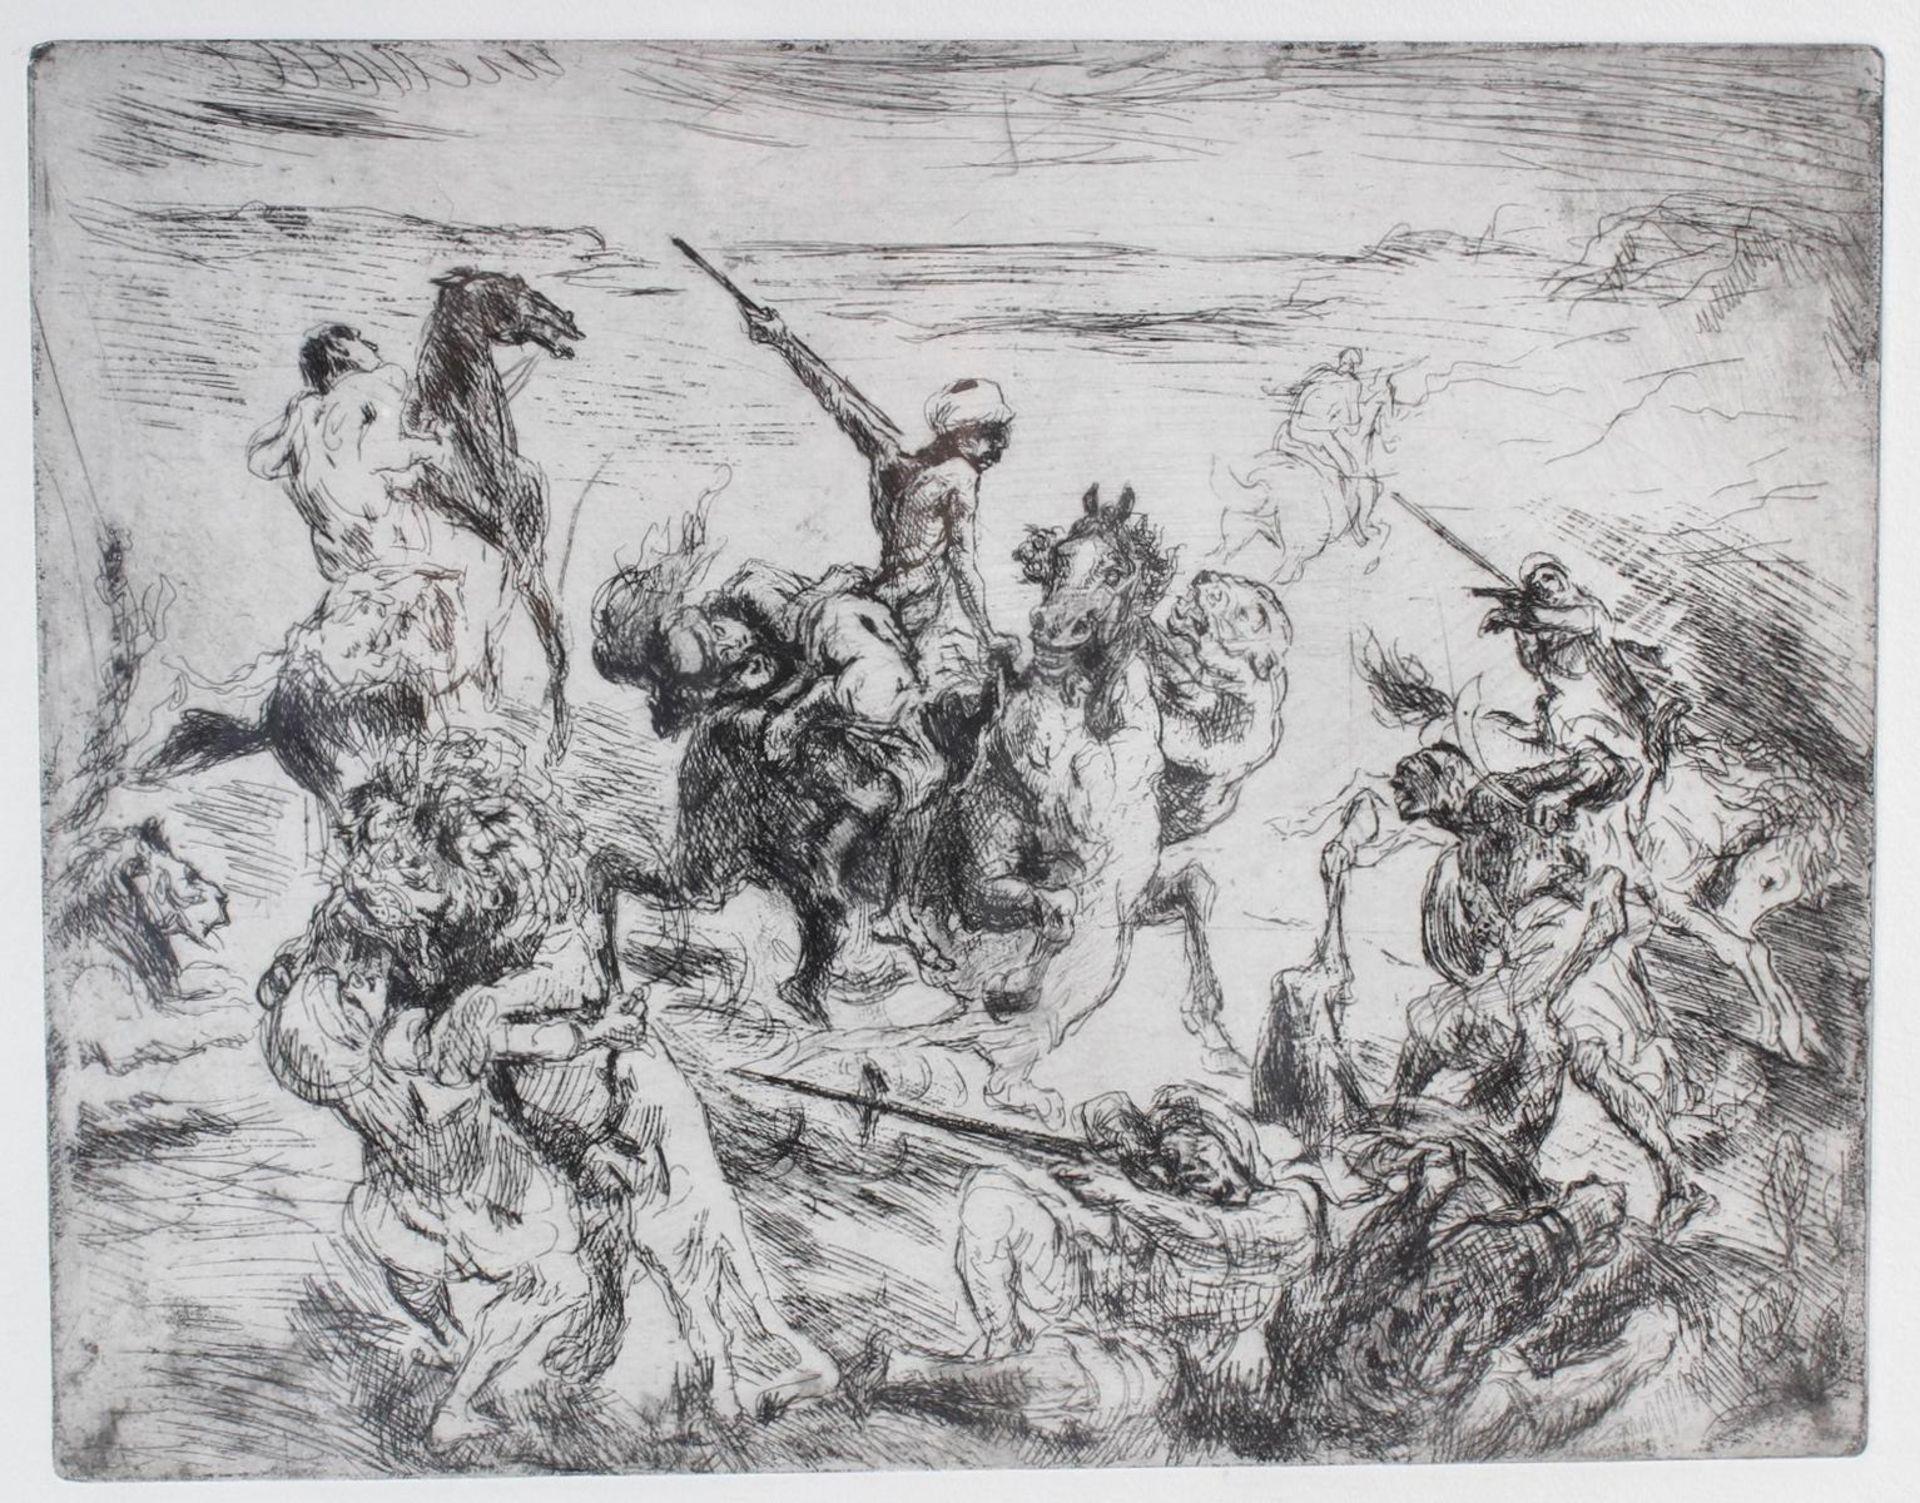 Max Slevogt (1868-1932), Löwenjagd - Bild 2 aus 7